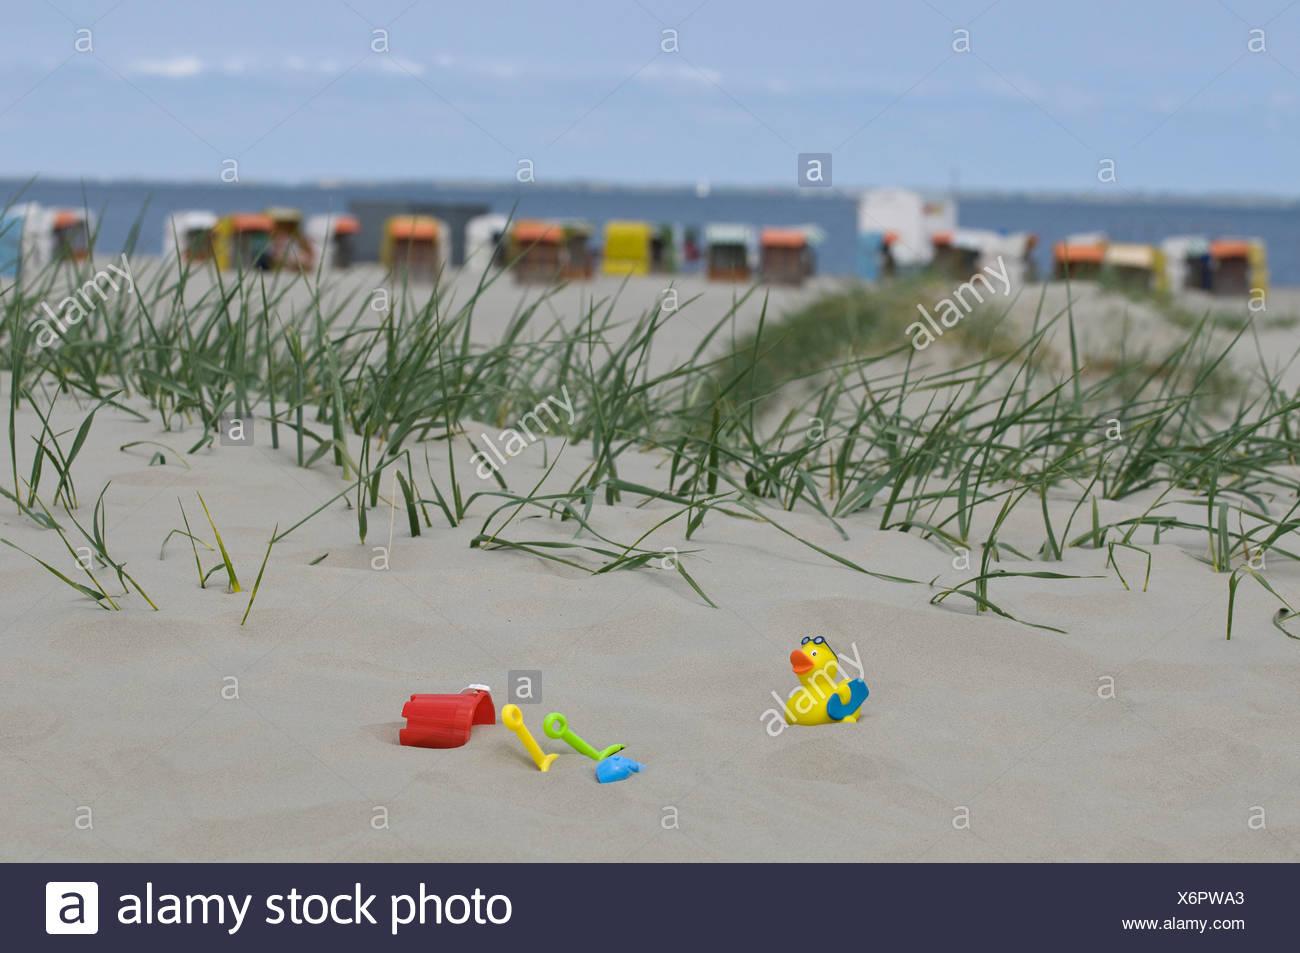 Vacances, les jouets pour enfants sur une dune de sable en face de chaises de plage en osier couvert sur une plage et la mer, Norden, Norden Photo Stock